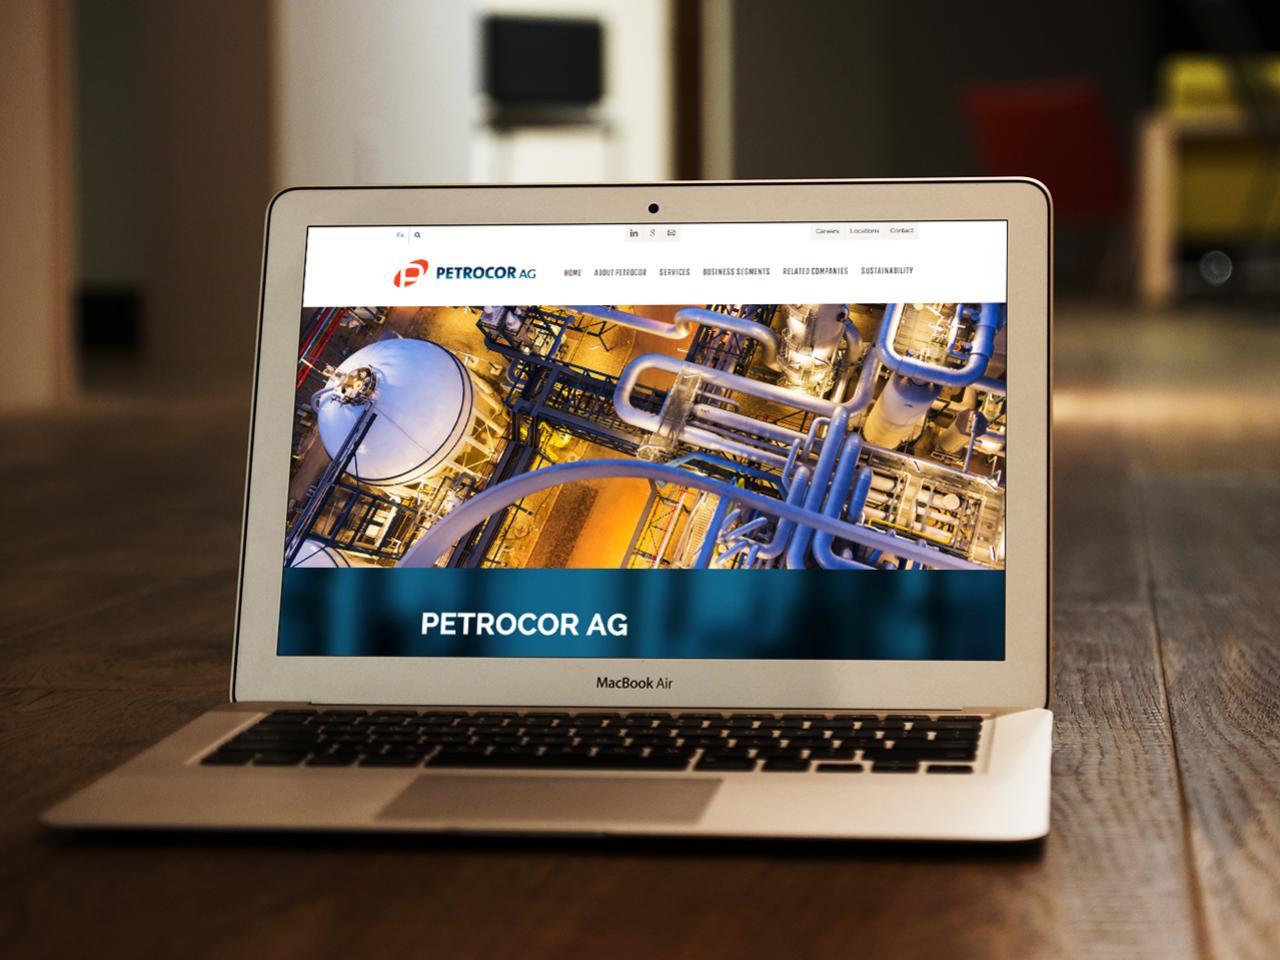 Imagen de Petrocor AG por Movidagrafica